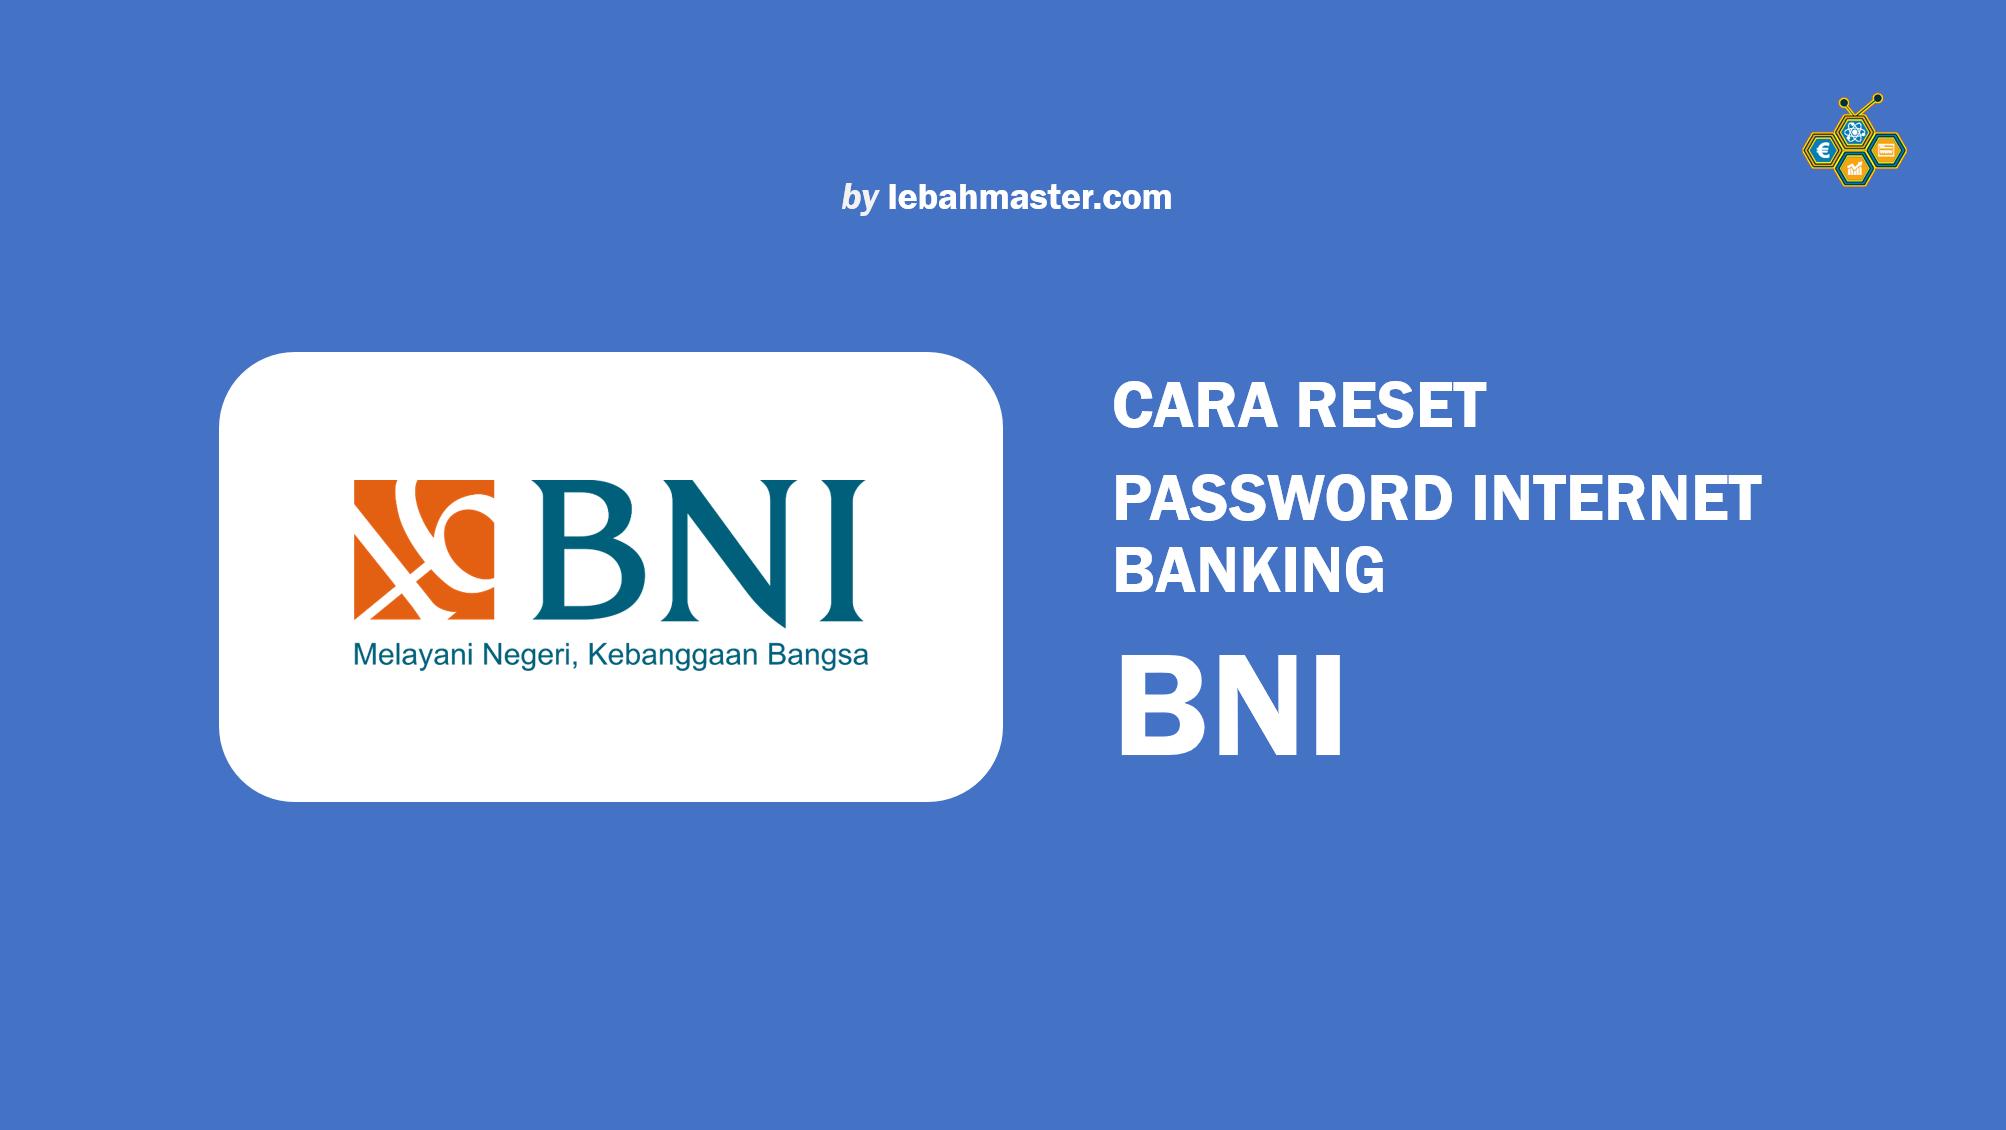 Cara Reset Password Internet Banking BNI